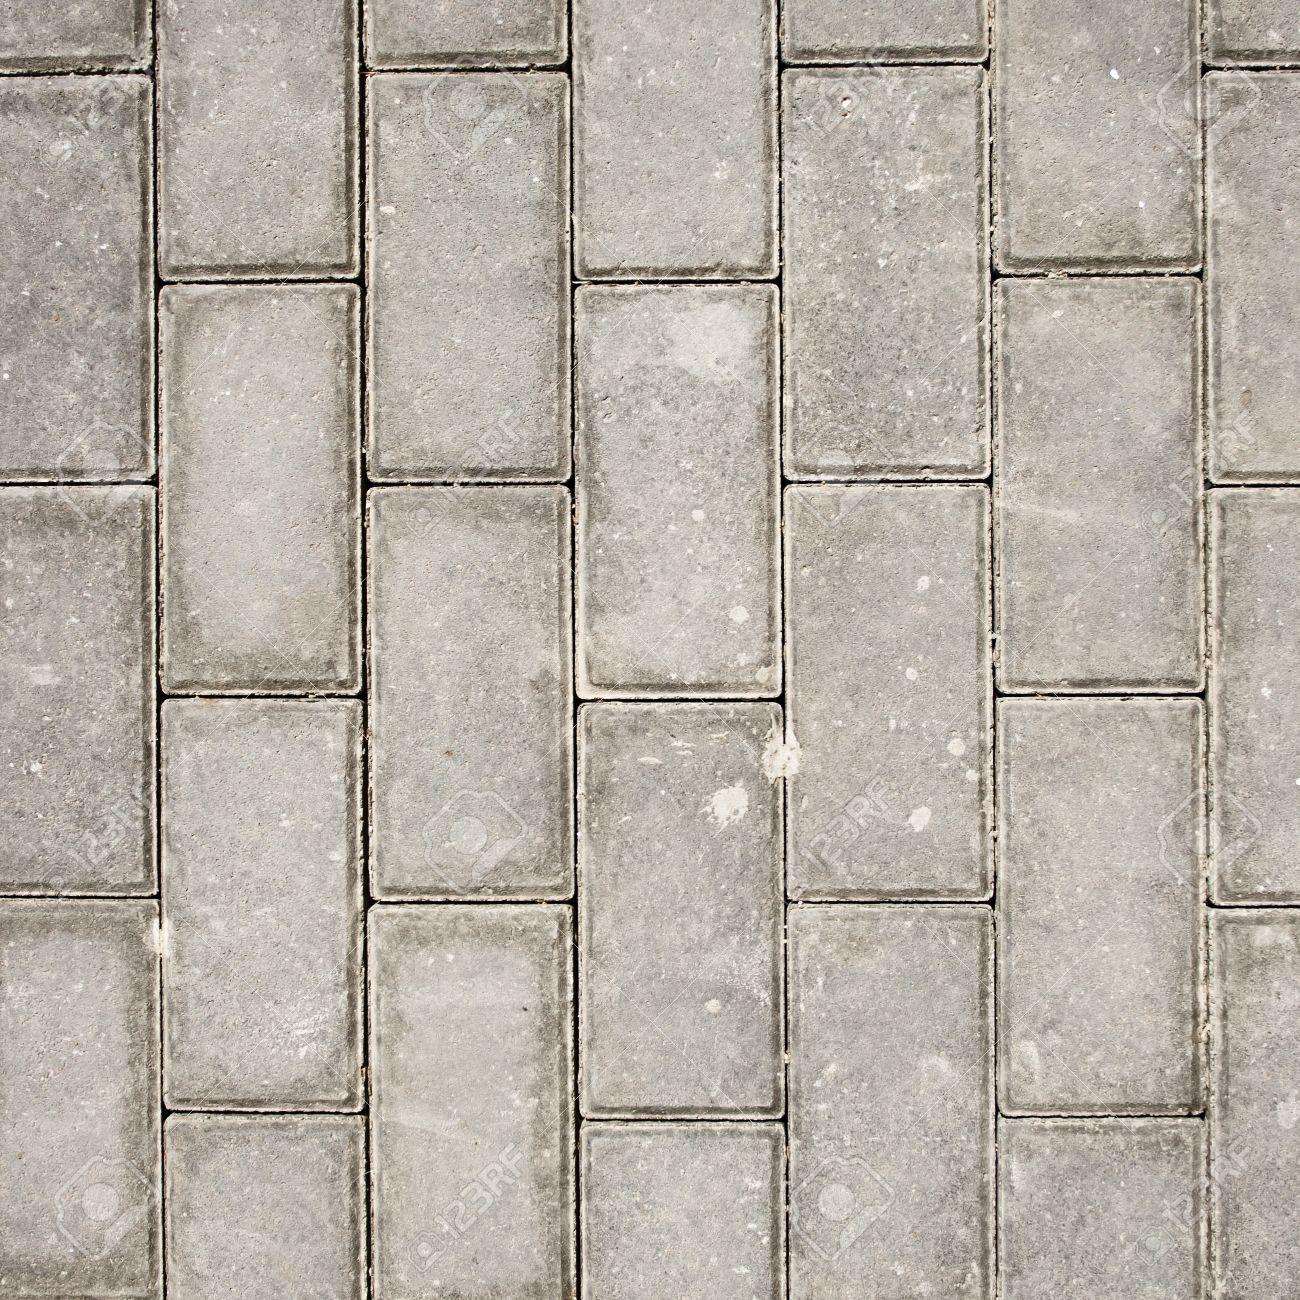 Fliesen textur grau  Grau Rechteck Pflaster Fliesen Textur Hintergrund Lizenzfreie ...